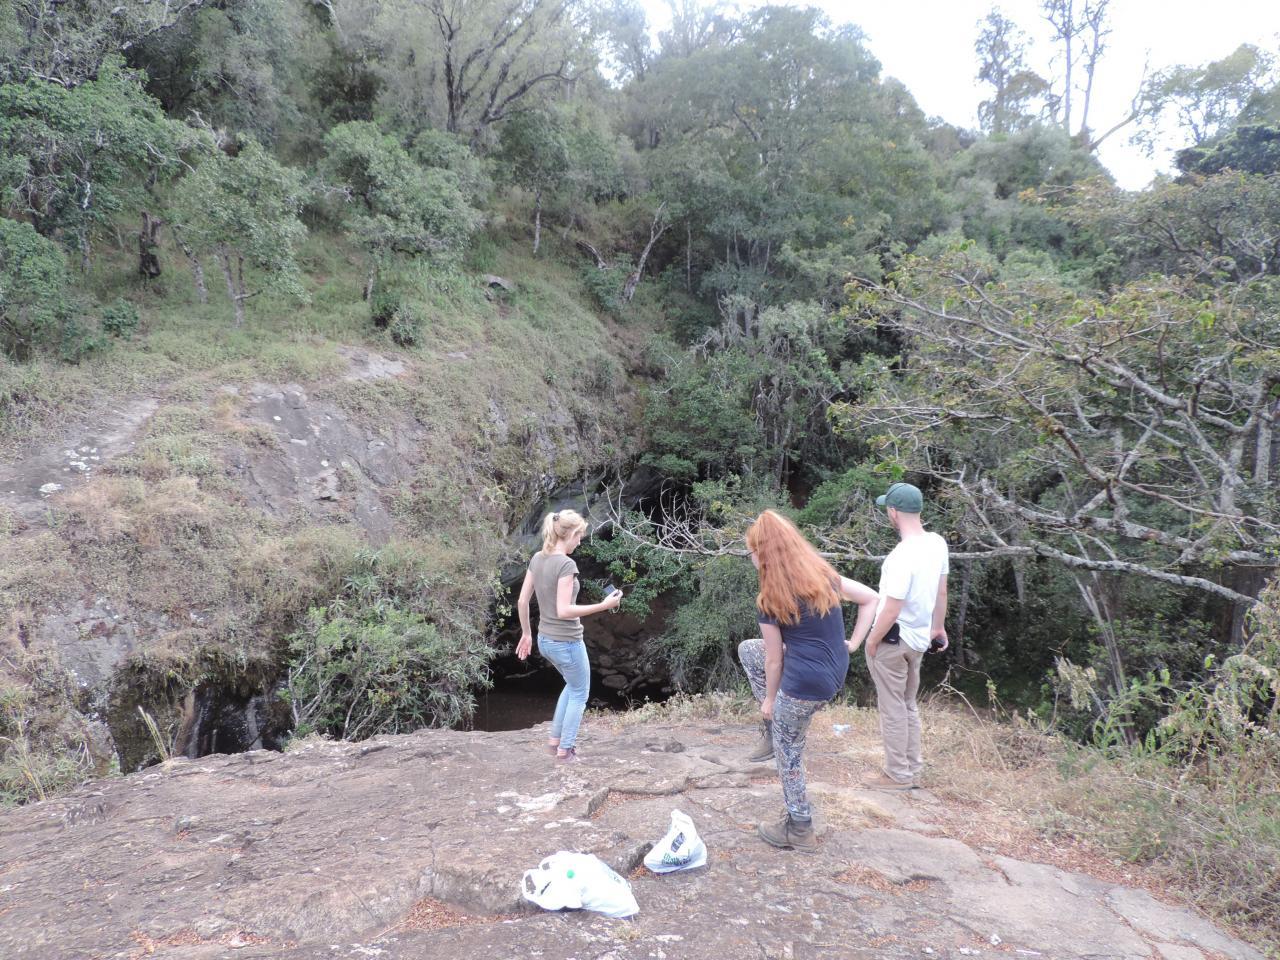 Maumau Caves,Mt Kenya, trekking trips Kenya, climbing mount Kenya, Routes